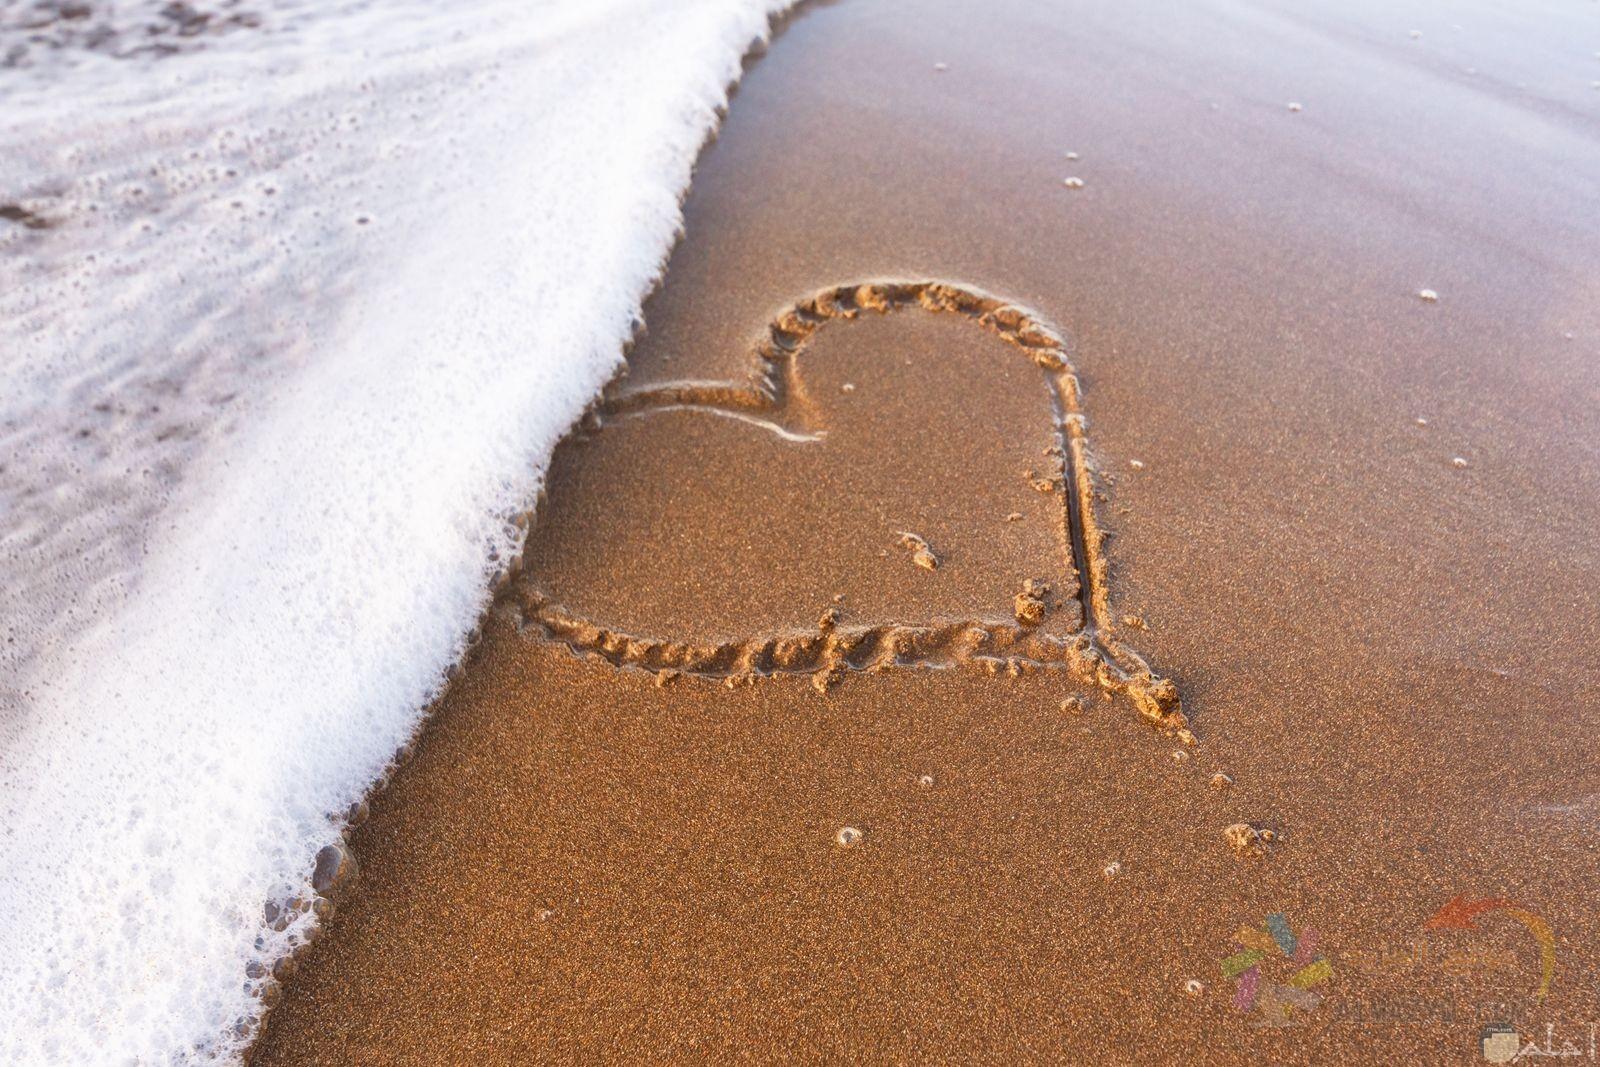 صورة قلب مرسوم على شاطئ البحر.